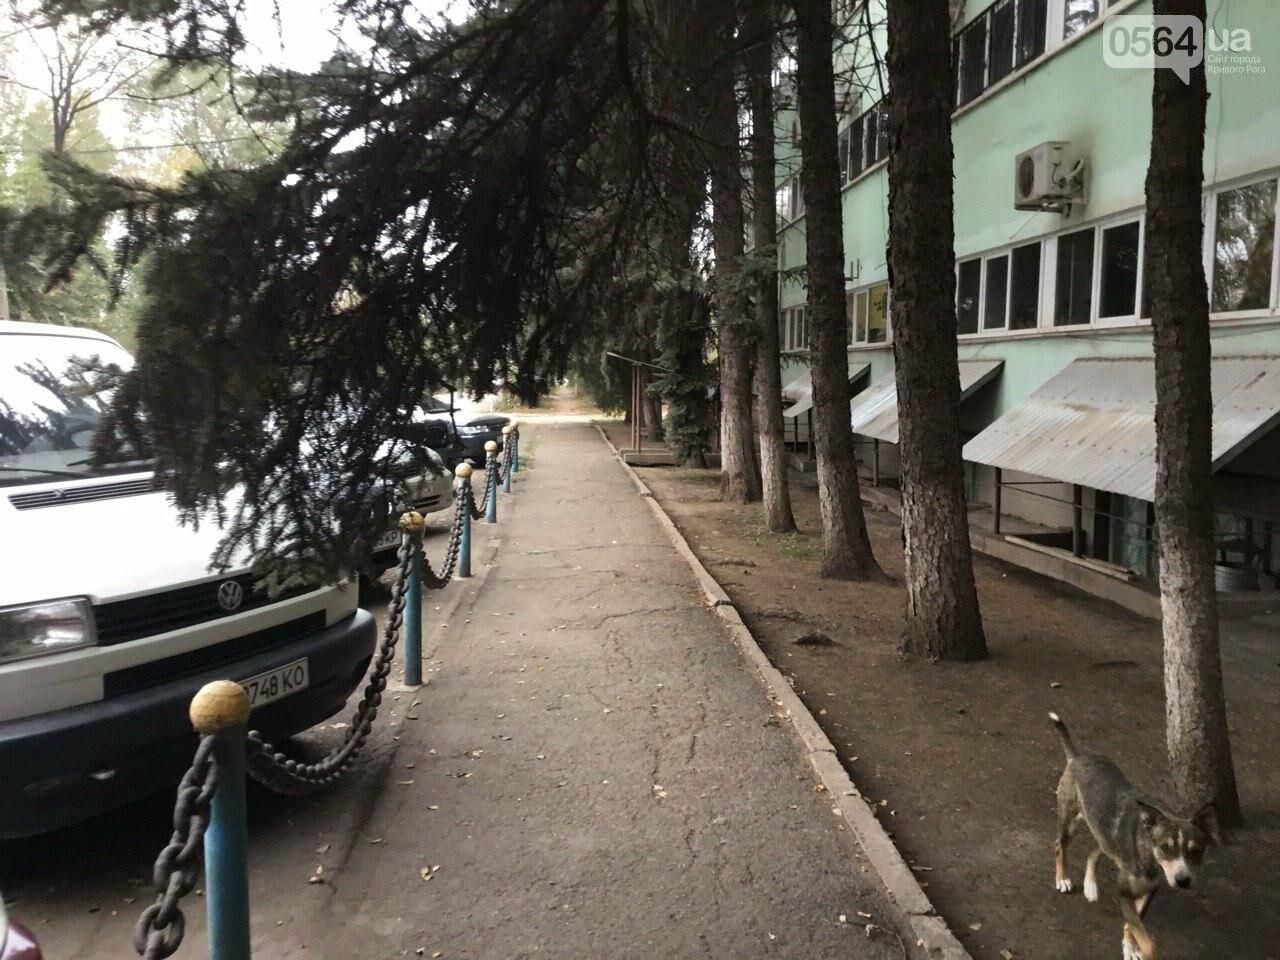 Депутат: в центре Кривого Рога 15 лет незаконно используют участок земли, - ФОТО, ВИДЕО, фото-41